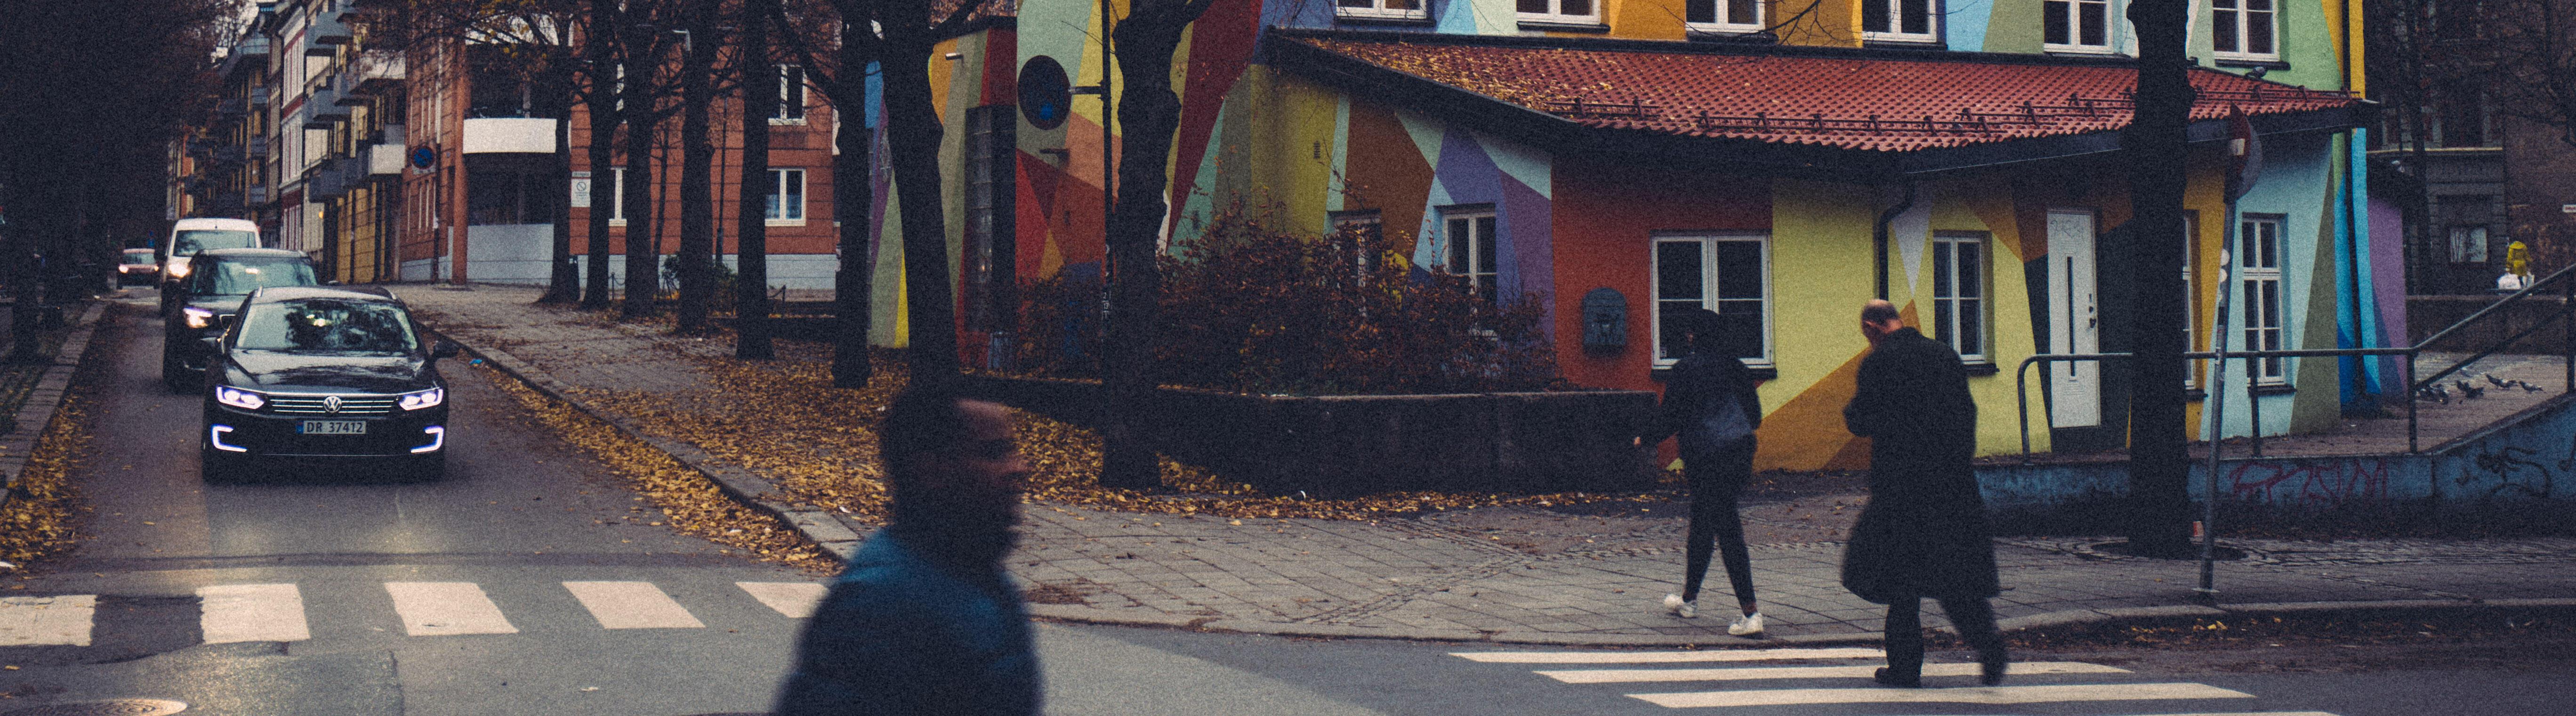 Gatescene med mennesker og biler på Tøyen i Oslo.